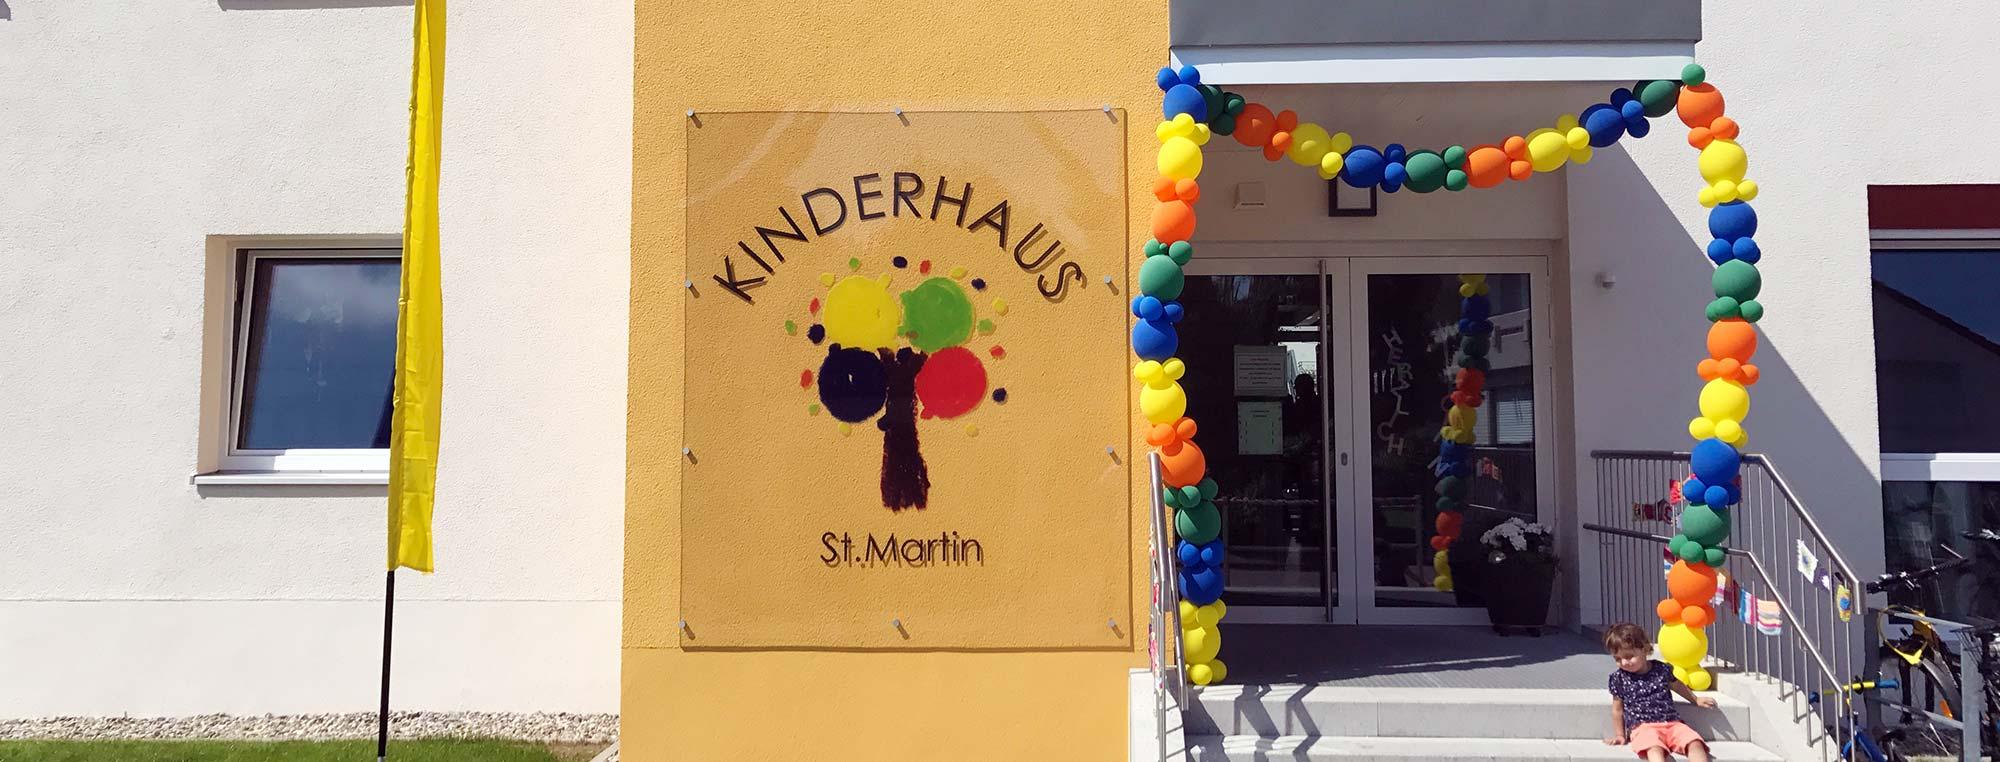 Generalsanierung Kinderhaus Lauingen durch das Bauunternehmen bendl